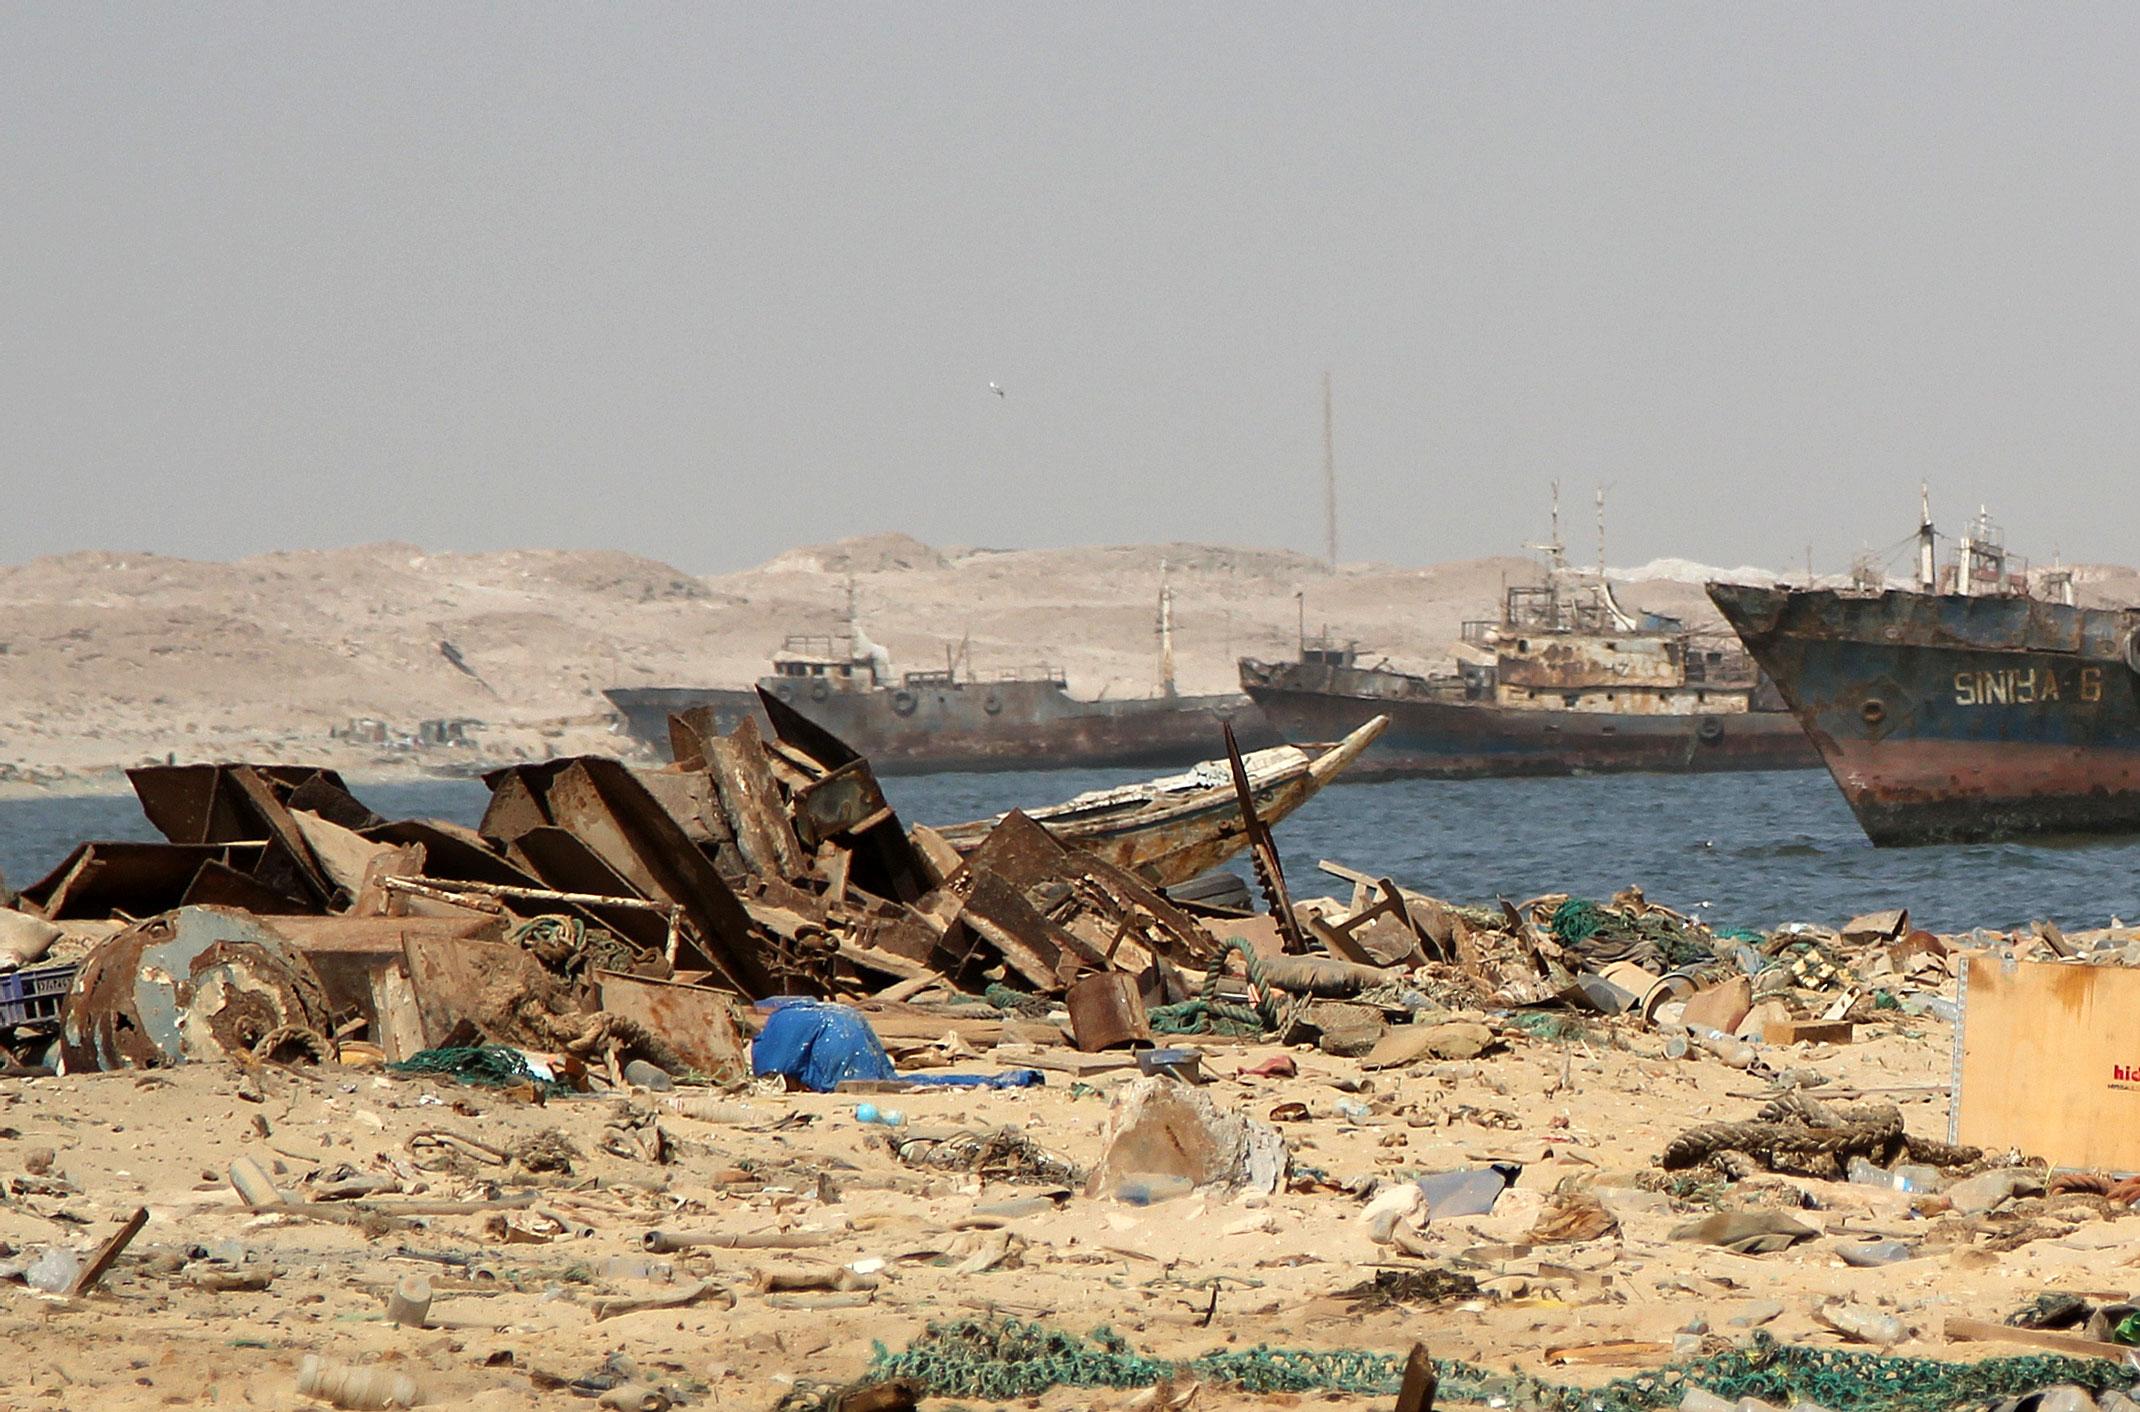 Mauretania.Zatoka wraków,zwana również cmentarzyskiem wraków.Nouadhibou